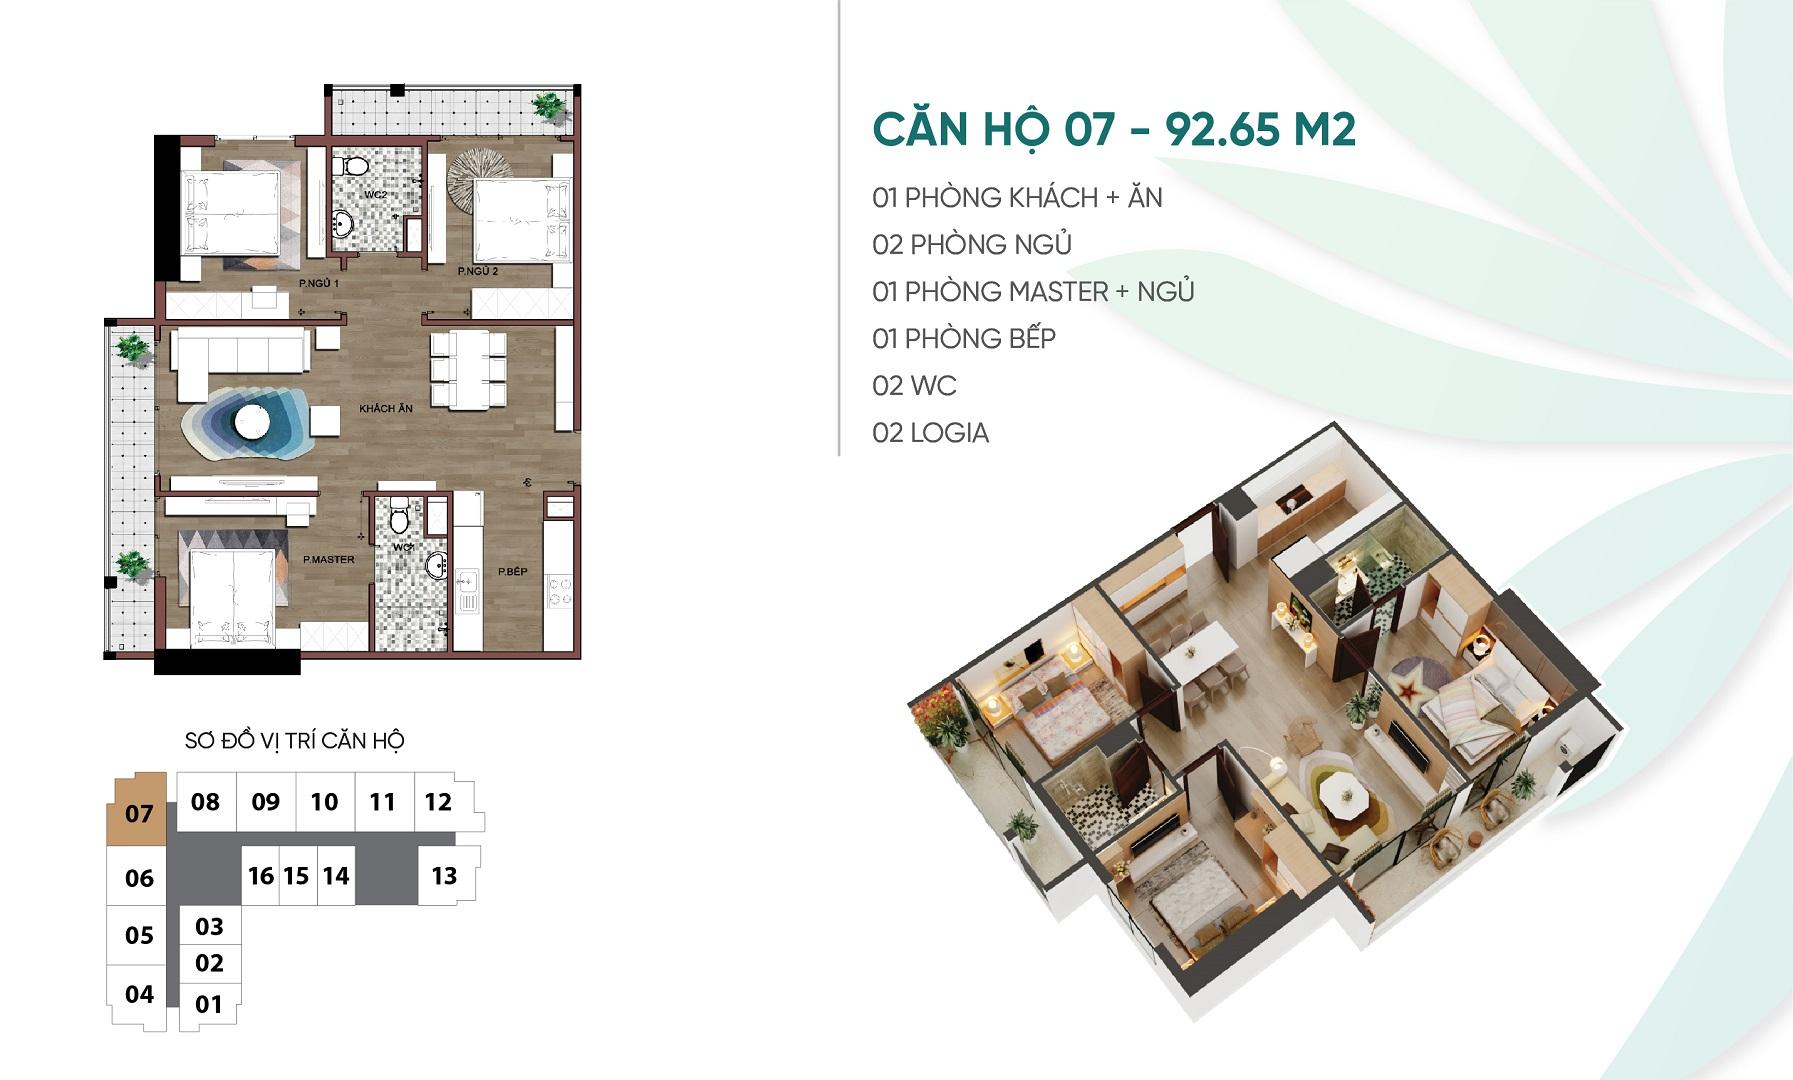 thiết kế căn hộ 07 dự án an bình plaza